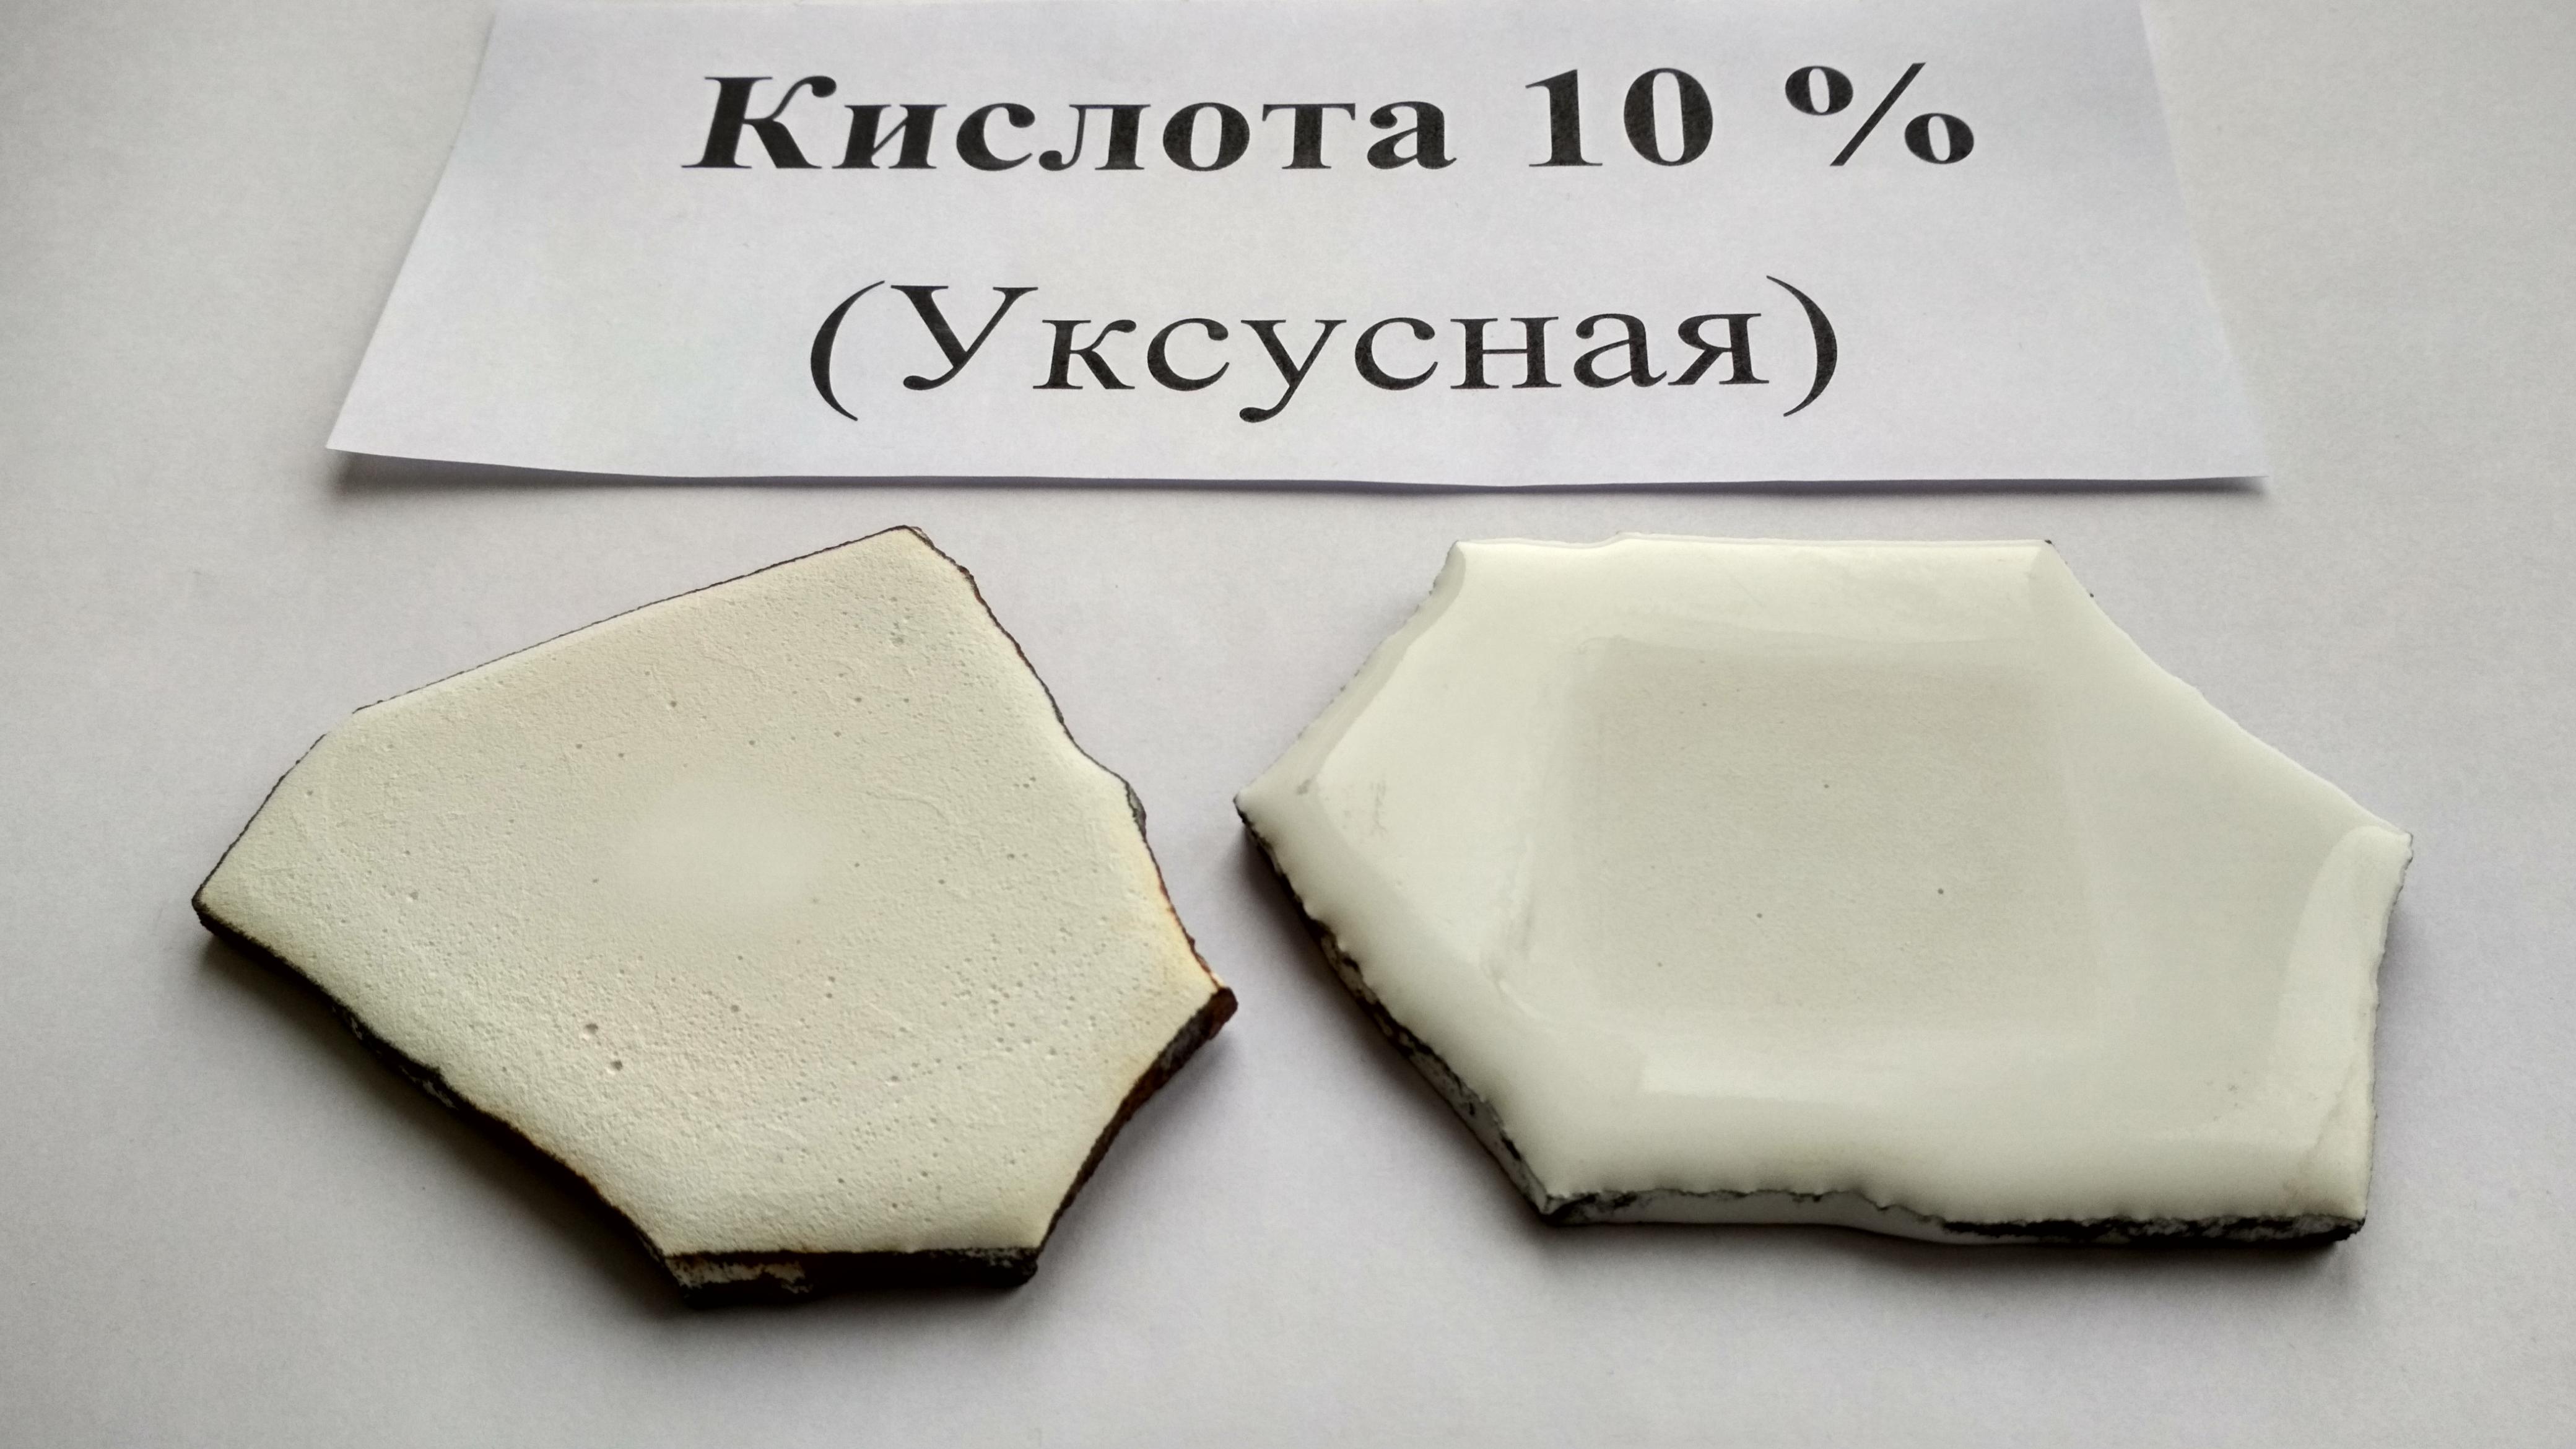 Чугунные пластинки после воздействия 10 % уксусной кислоты в течение недели